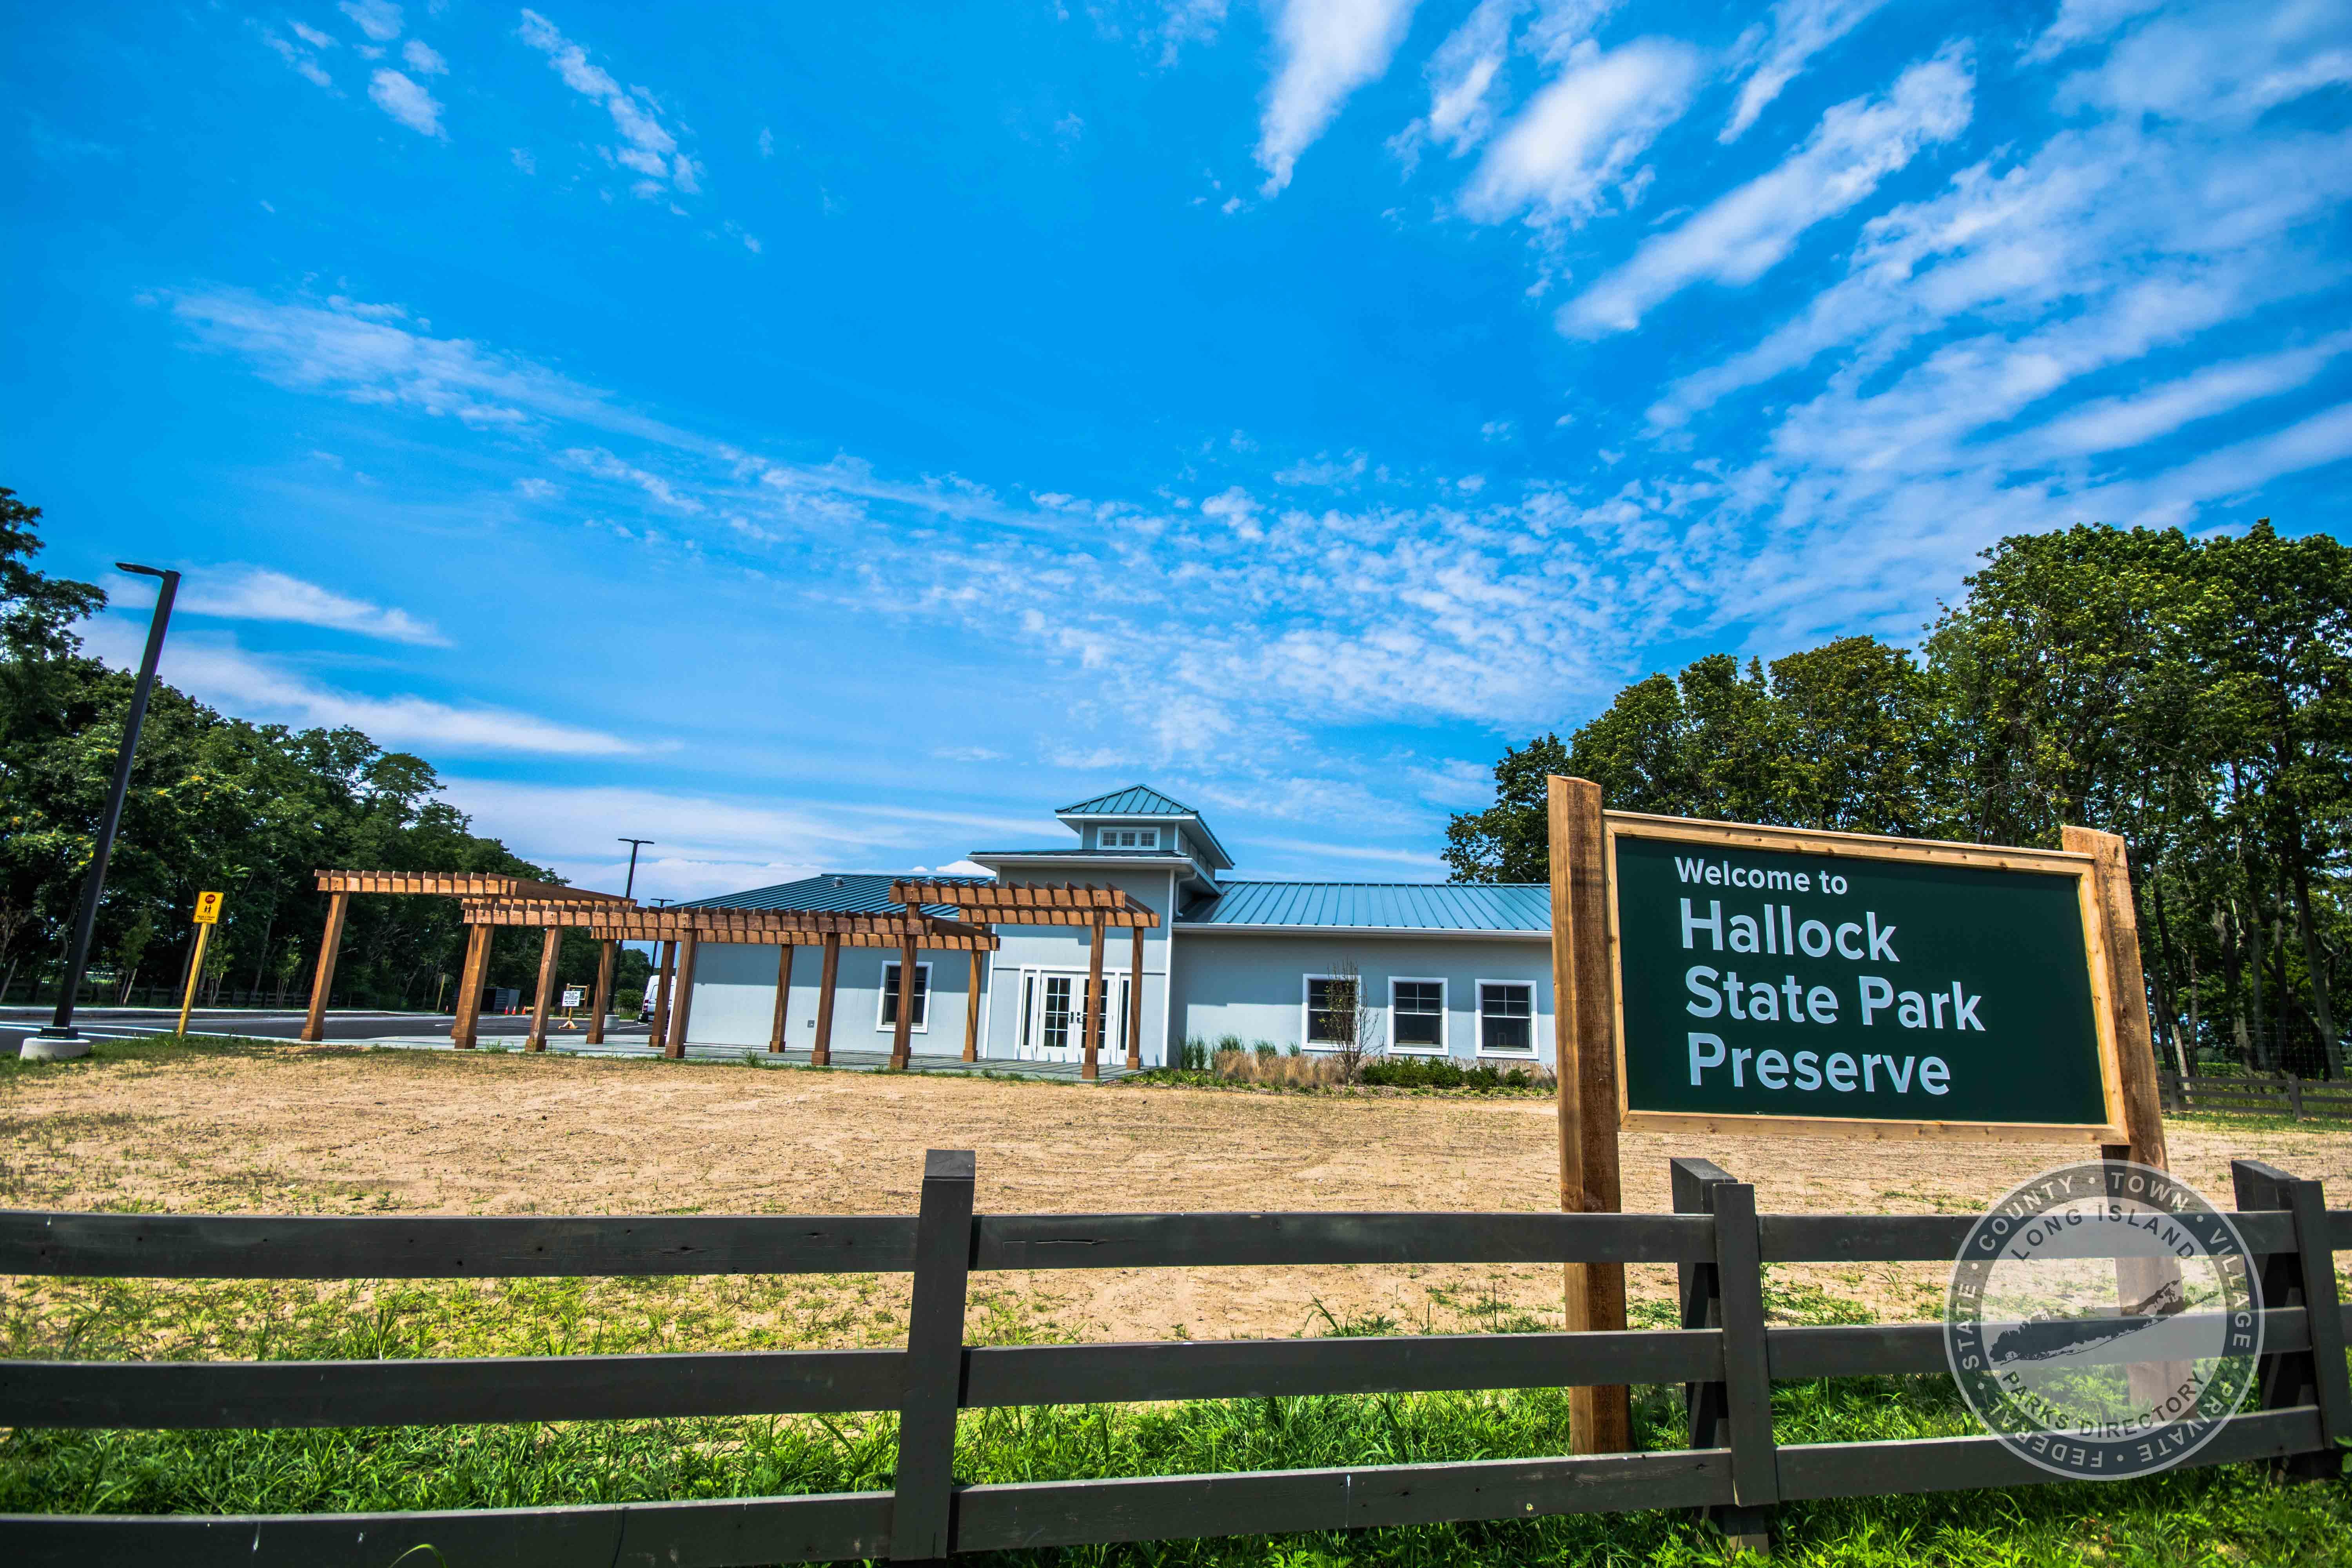 Hallock State Preserve